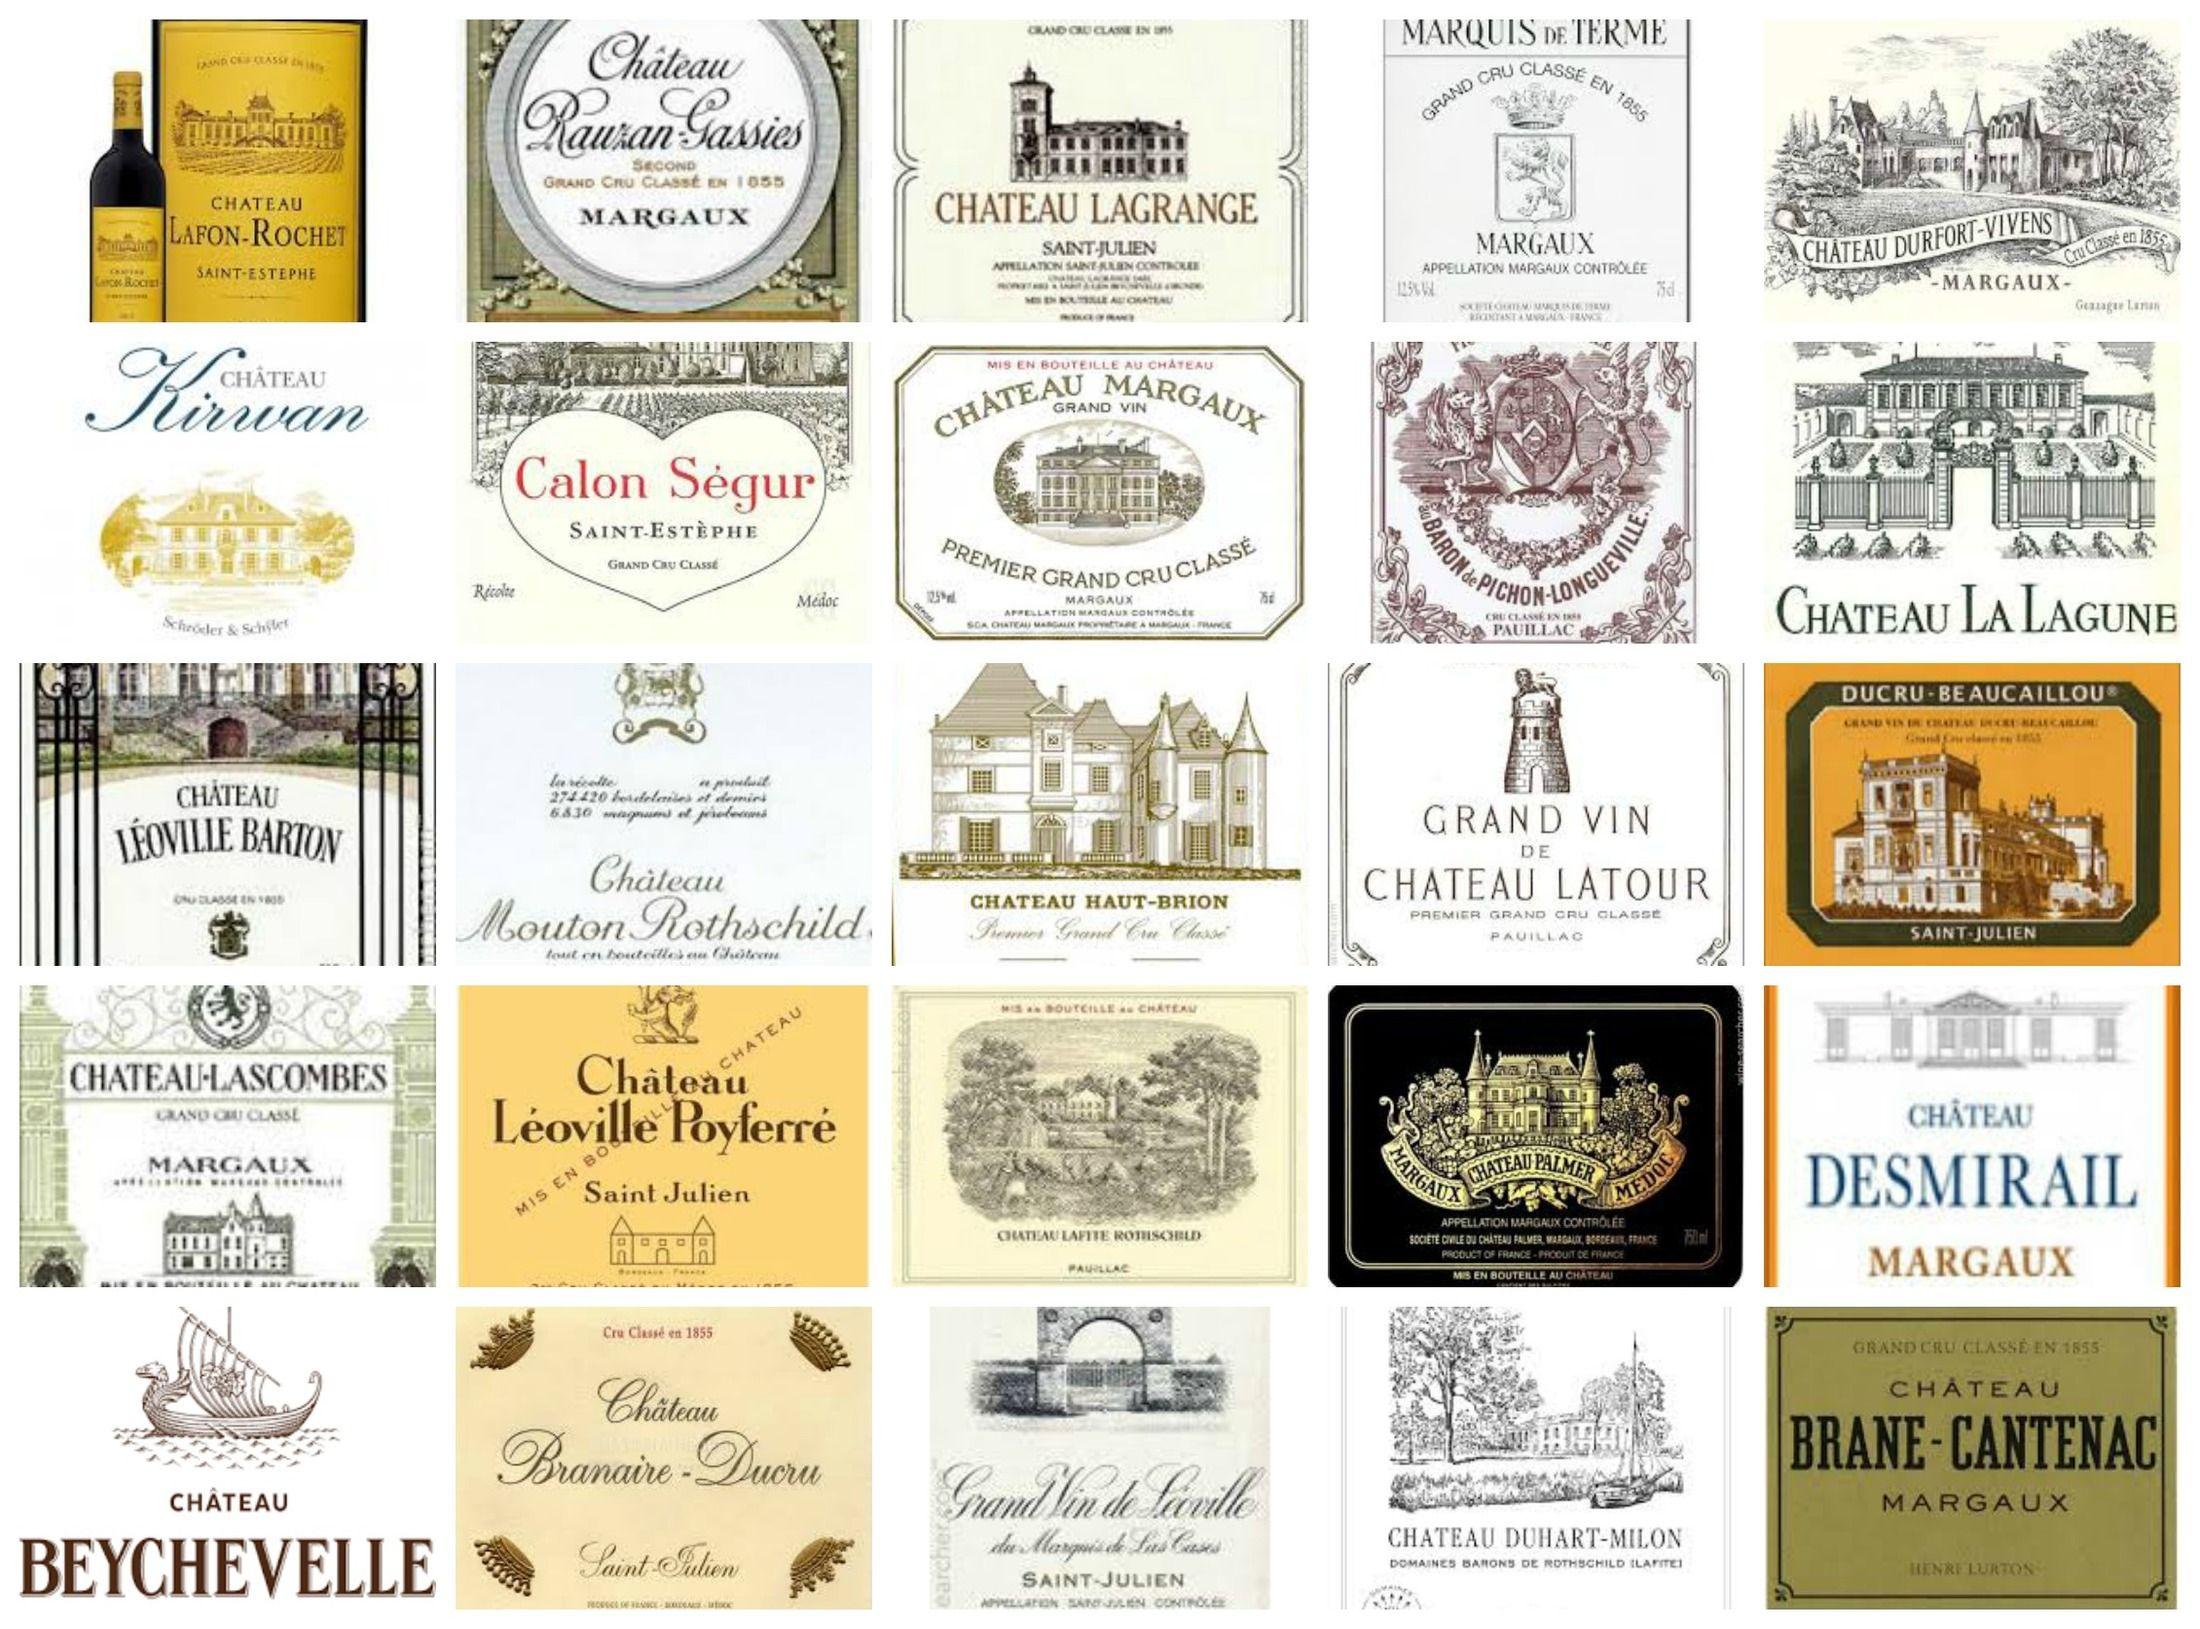 【侍酒師筆記】1855年 Bordeaux列級酒莊列表 – 法文發音+Médoc梅多克篇